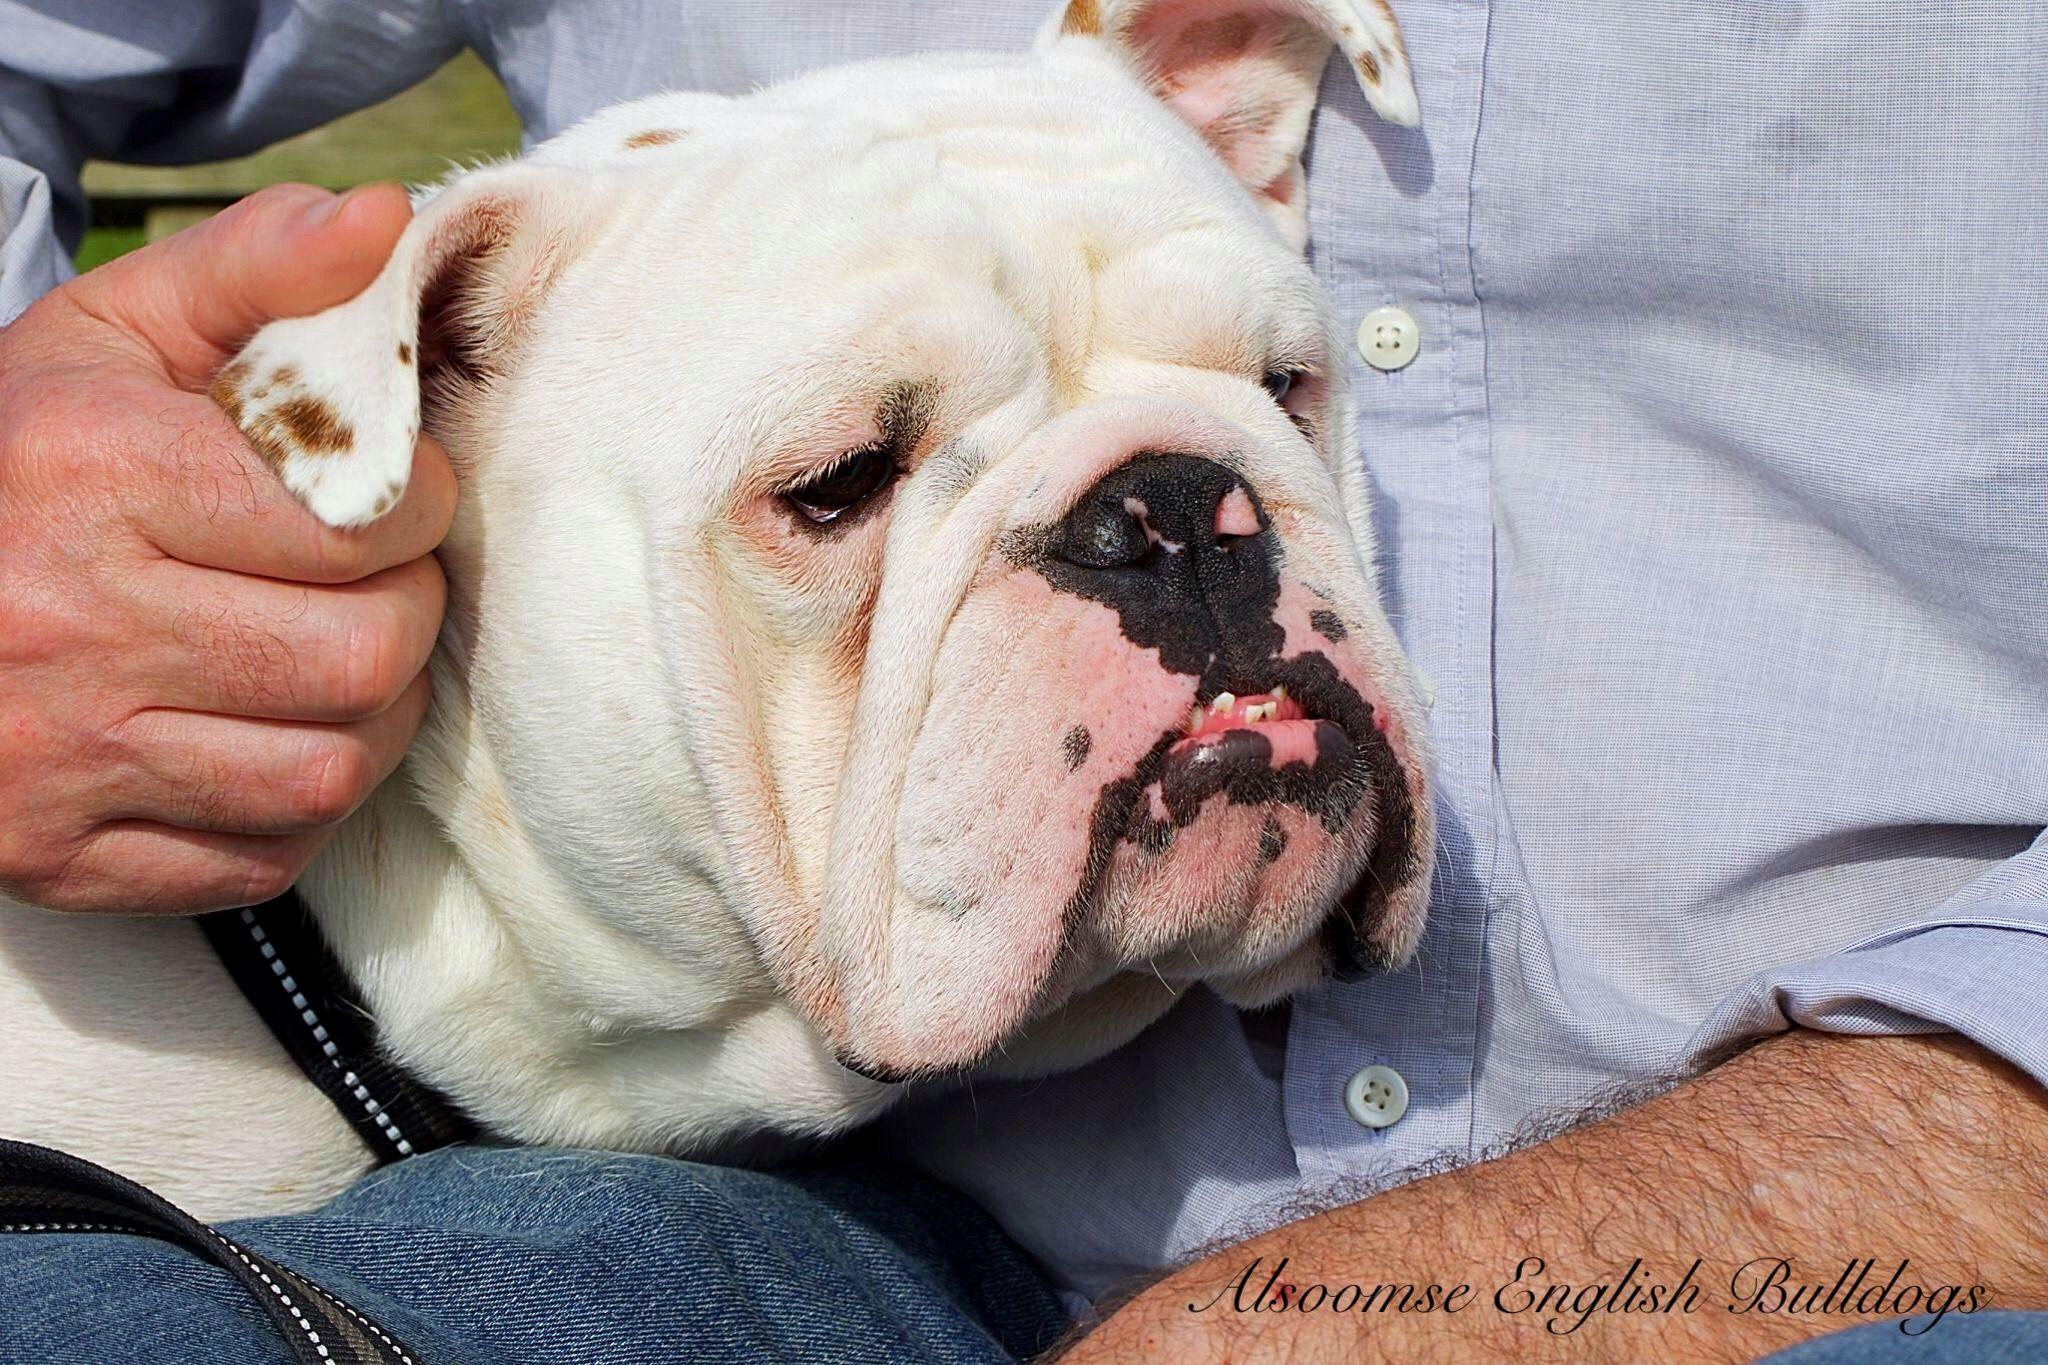 Alsoomse English Bulldogs Bulldog Puppies French Bulldog